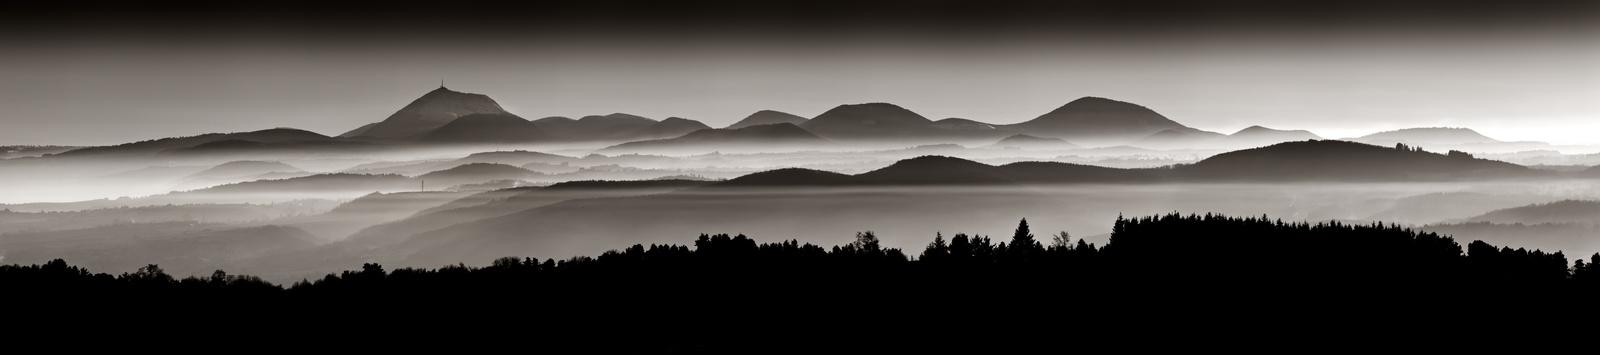 vue-panoramique-volcans-d-auvergne-chaine-des-puys